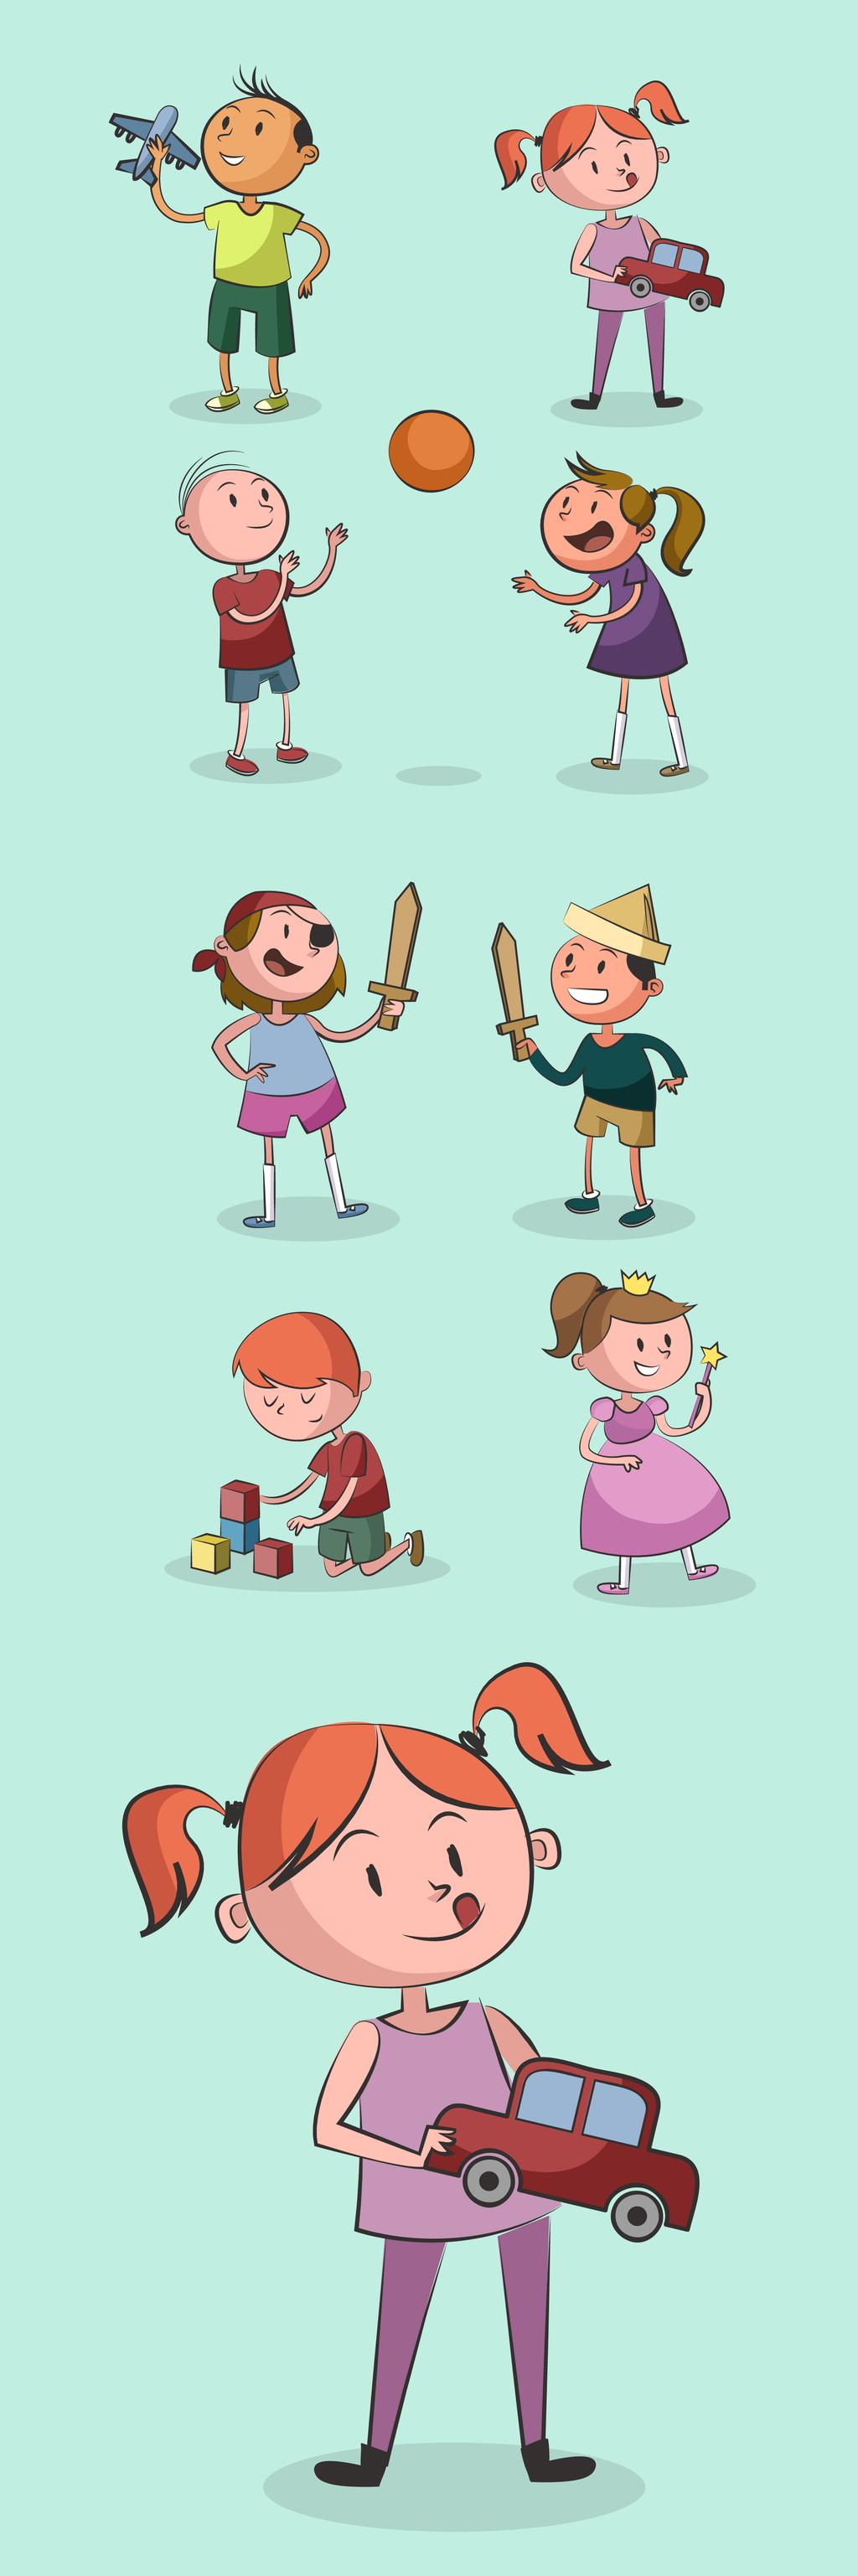 创意手绘卡通人物矢量设计元素